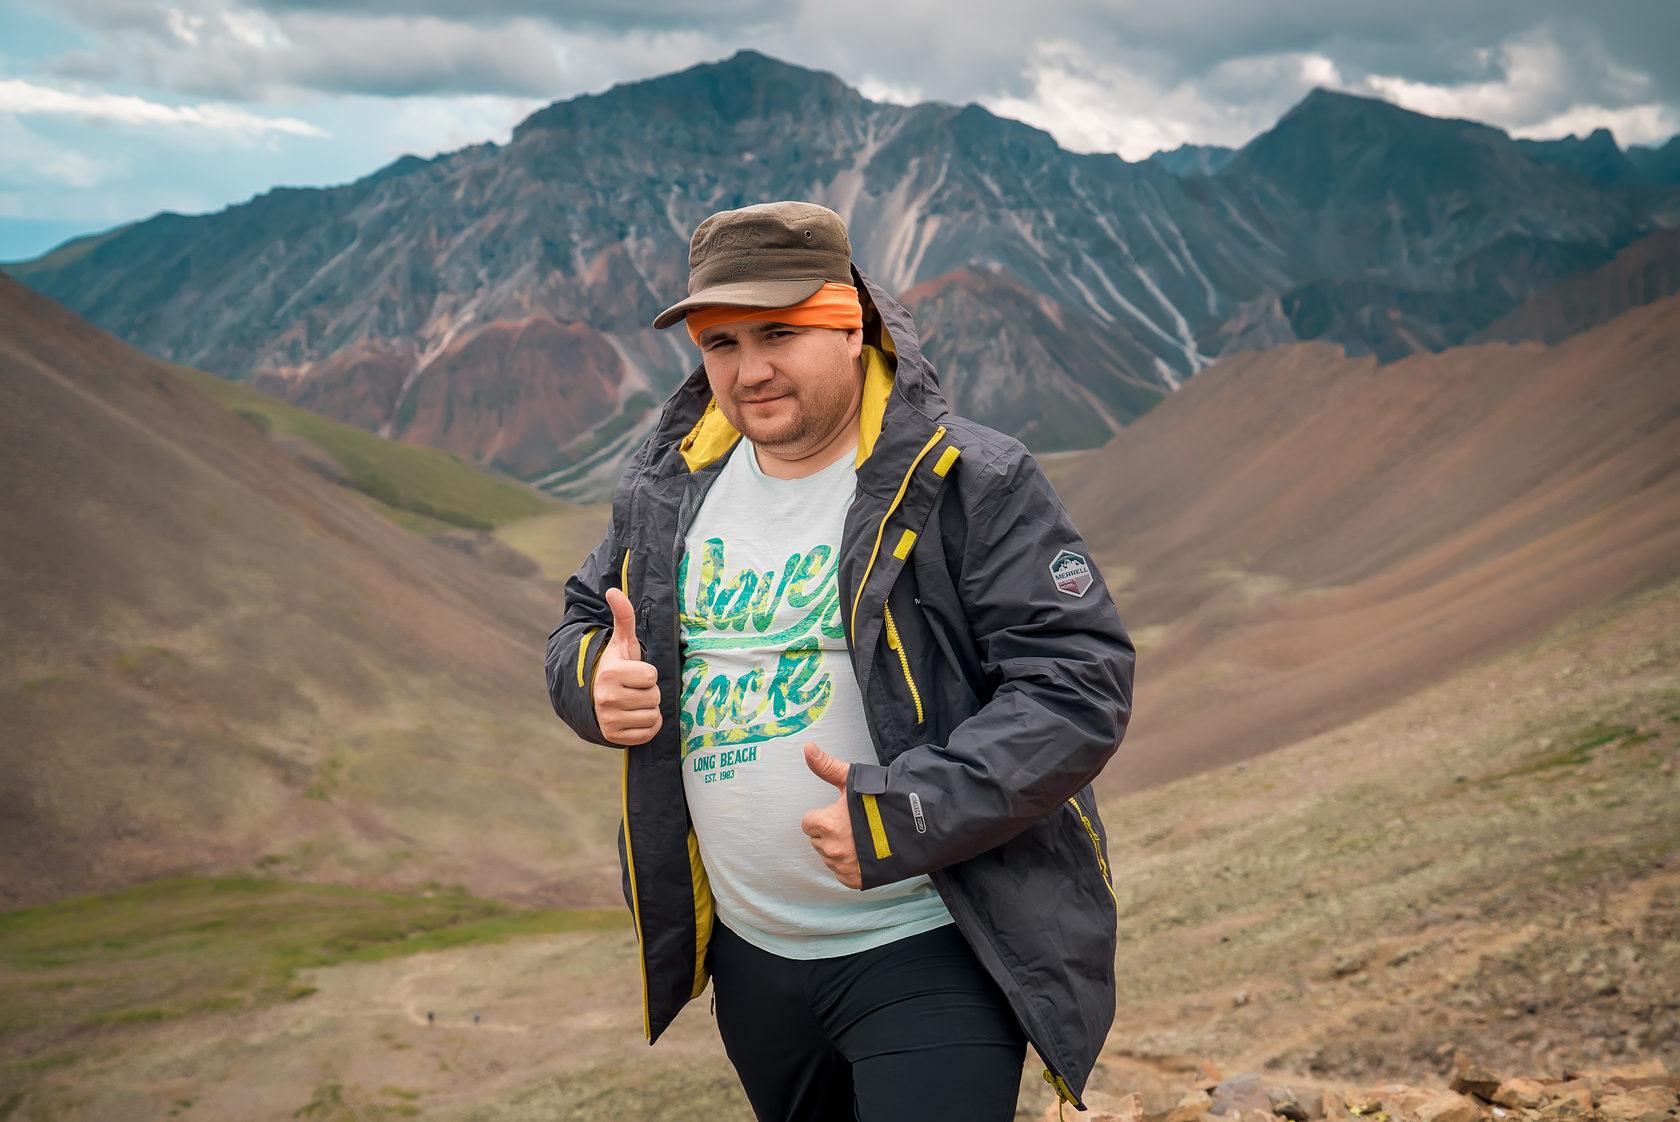 Рамиль Нигмадззянов в Комбат-туре «Байкал и Восточный Саян 2017»